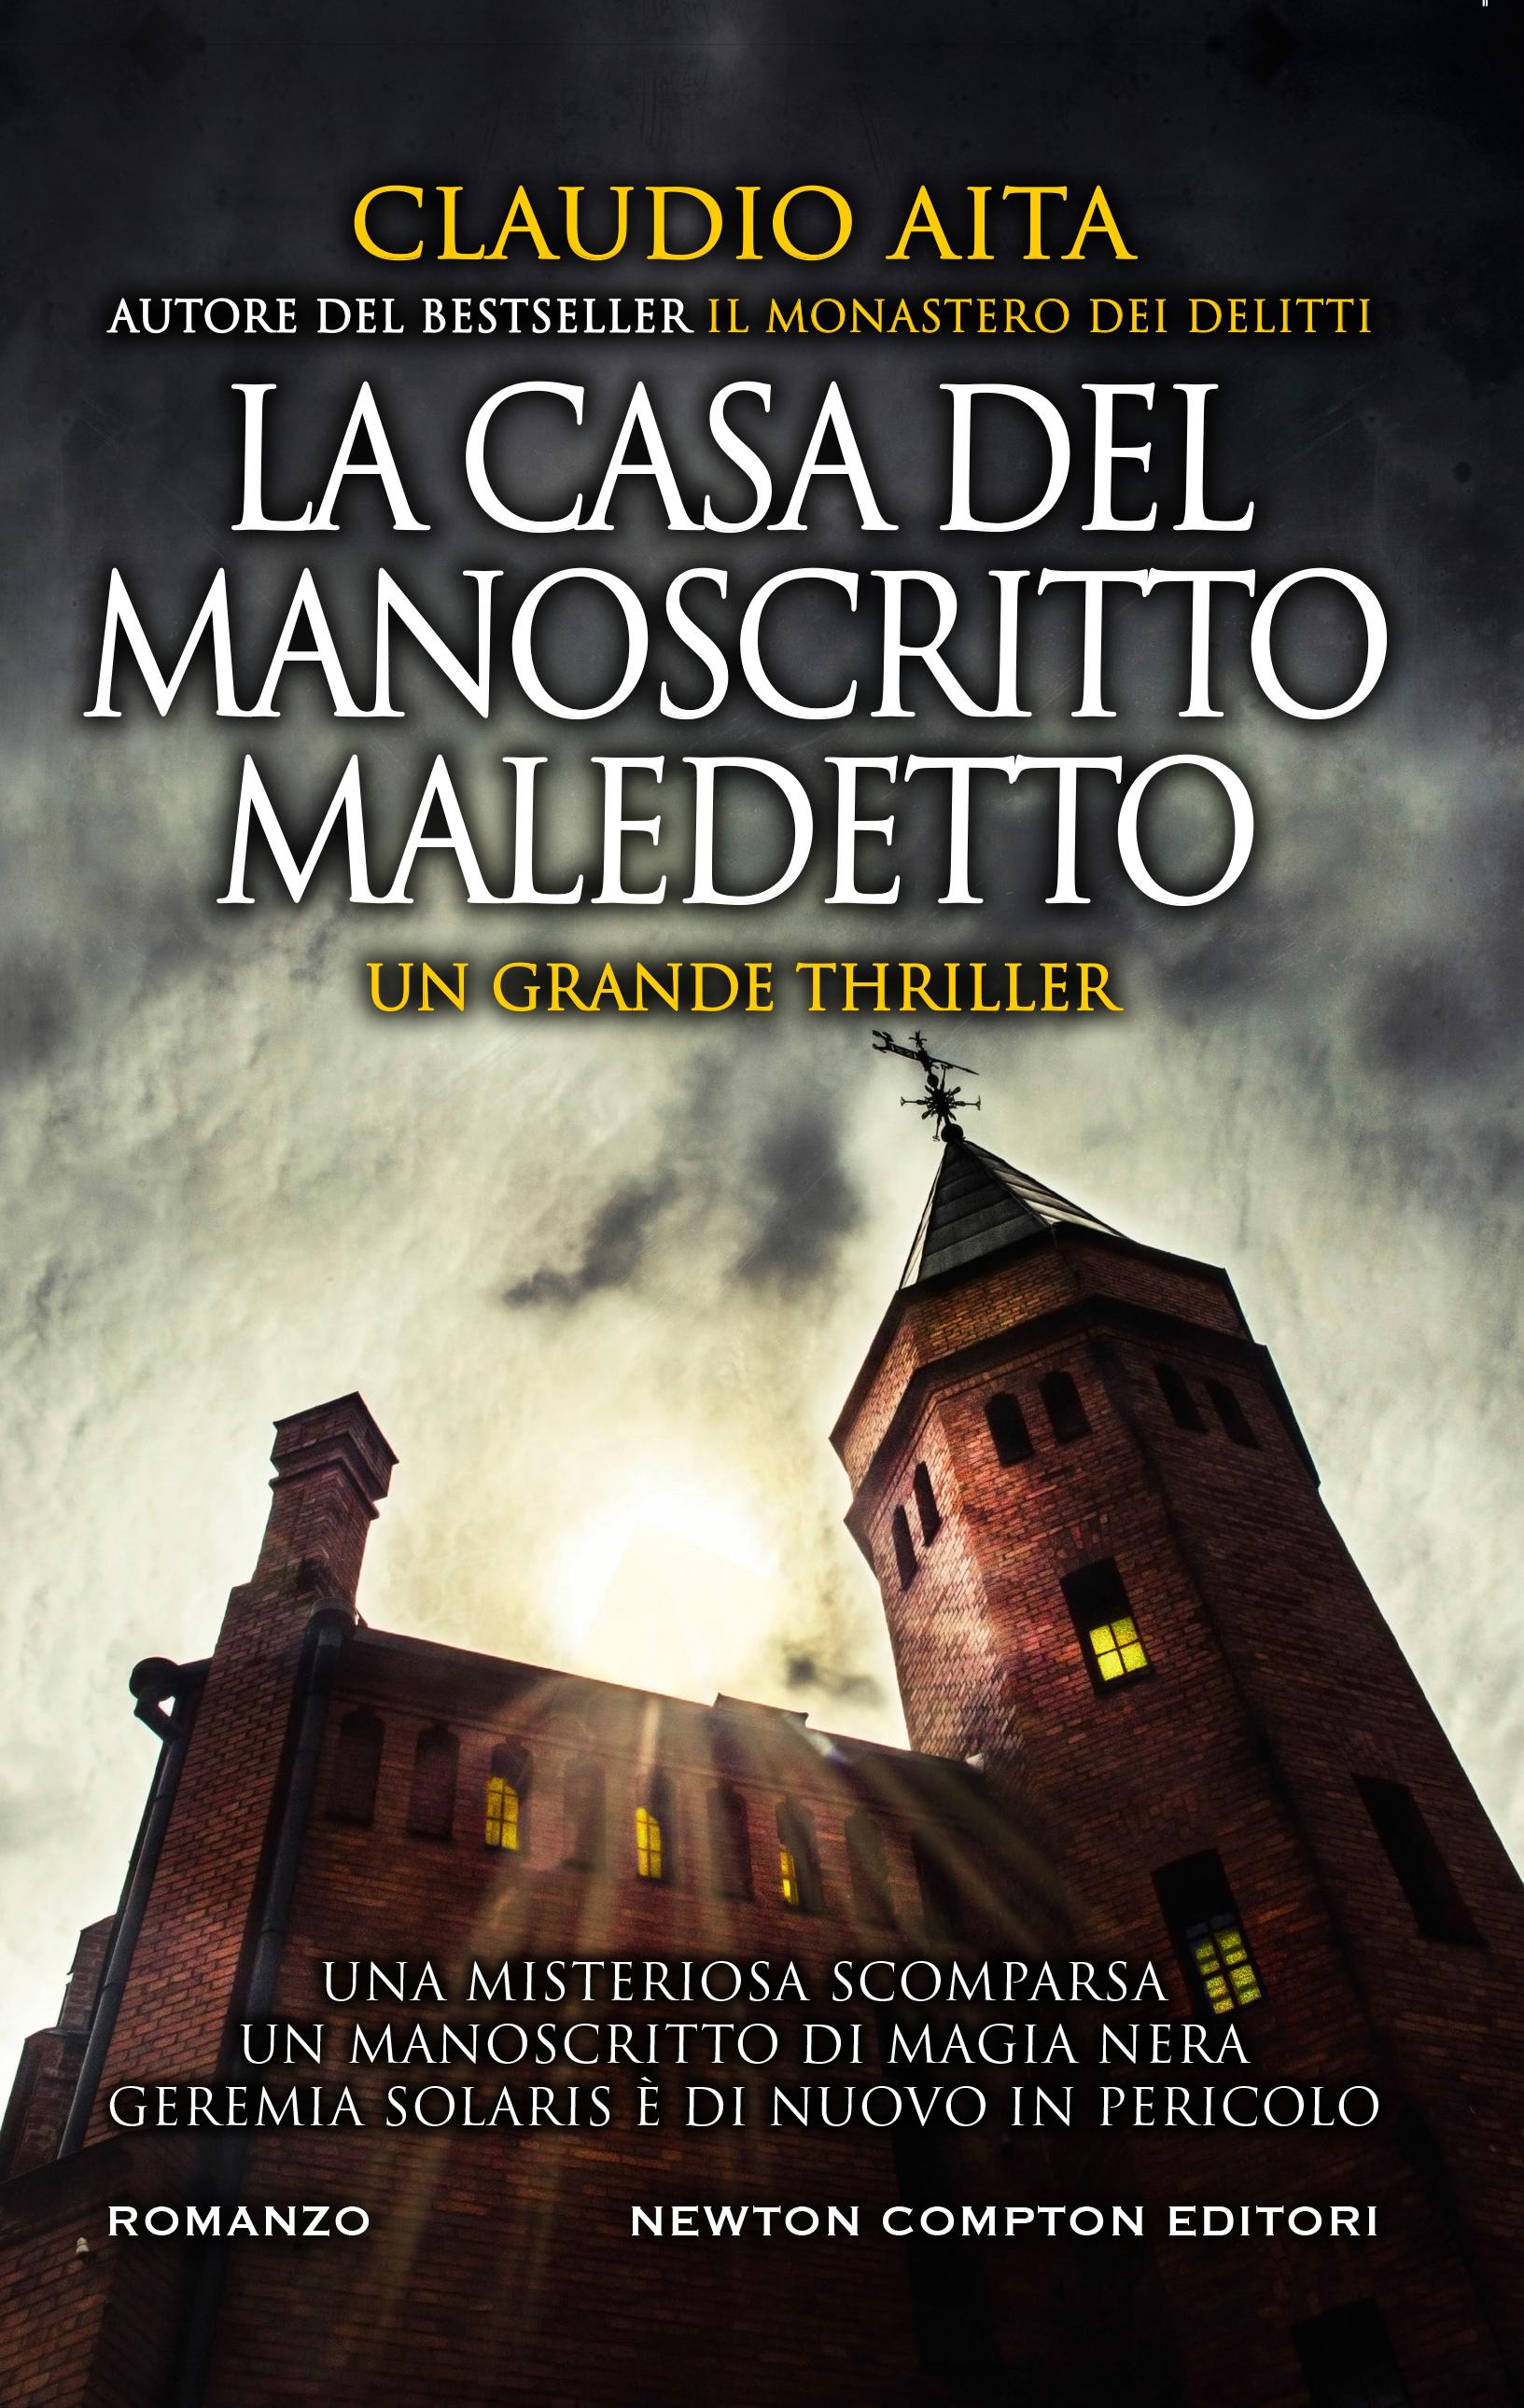 La casa del manoscritto maledetto. Claudio Aita. Newton Compton